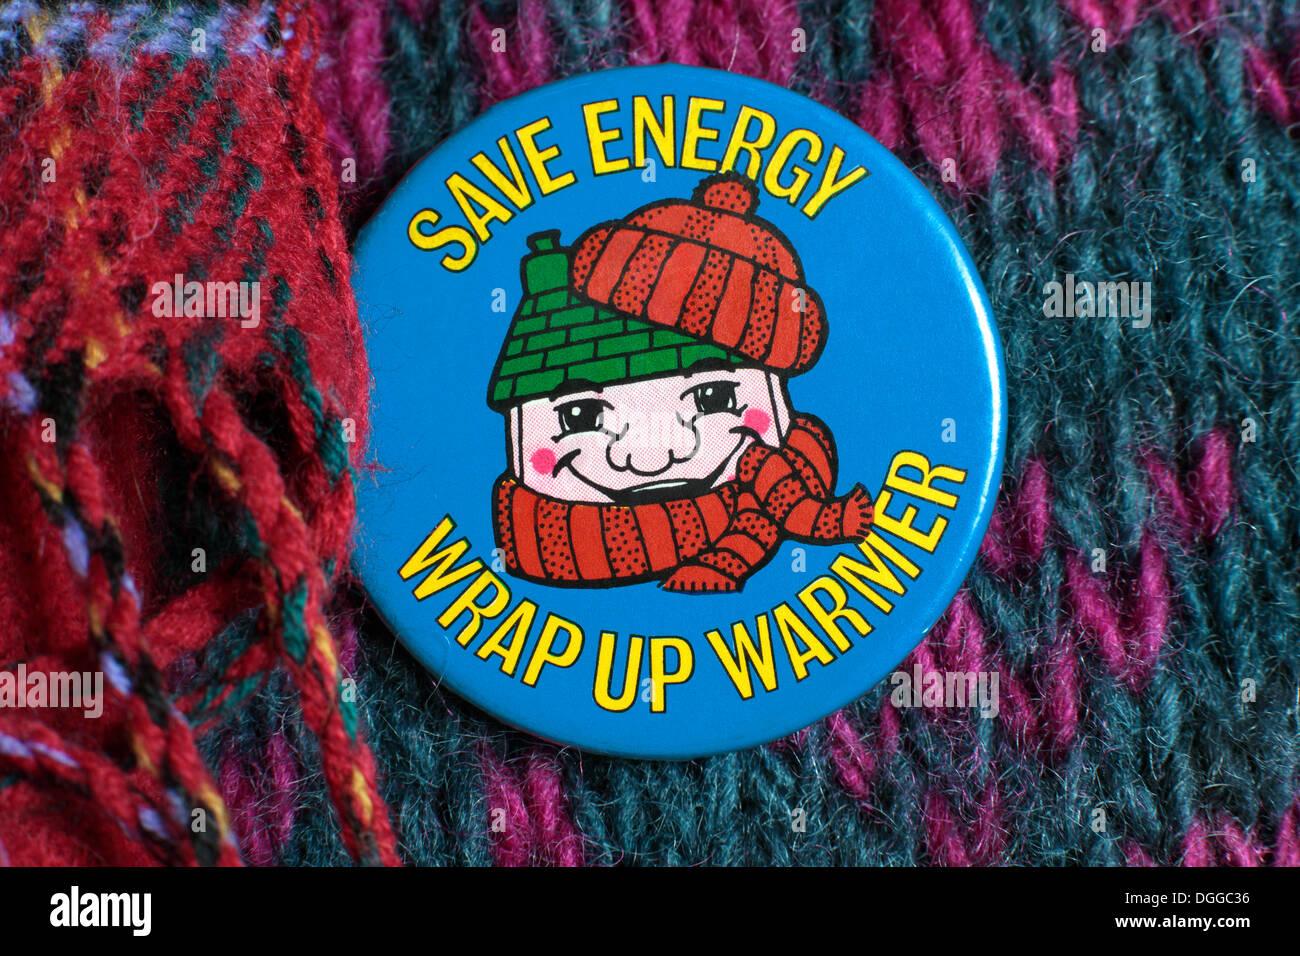 'Salva energia - La conclusione più caldo' - la conservazione dell'energia da badge attorno al 1980. Più info per seguire presto... Immagini Stock